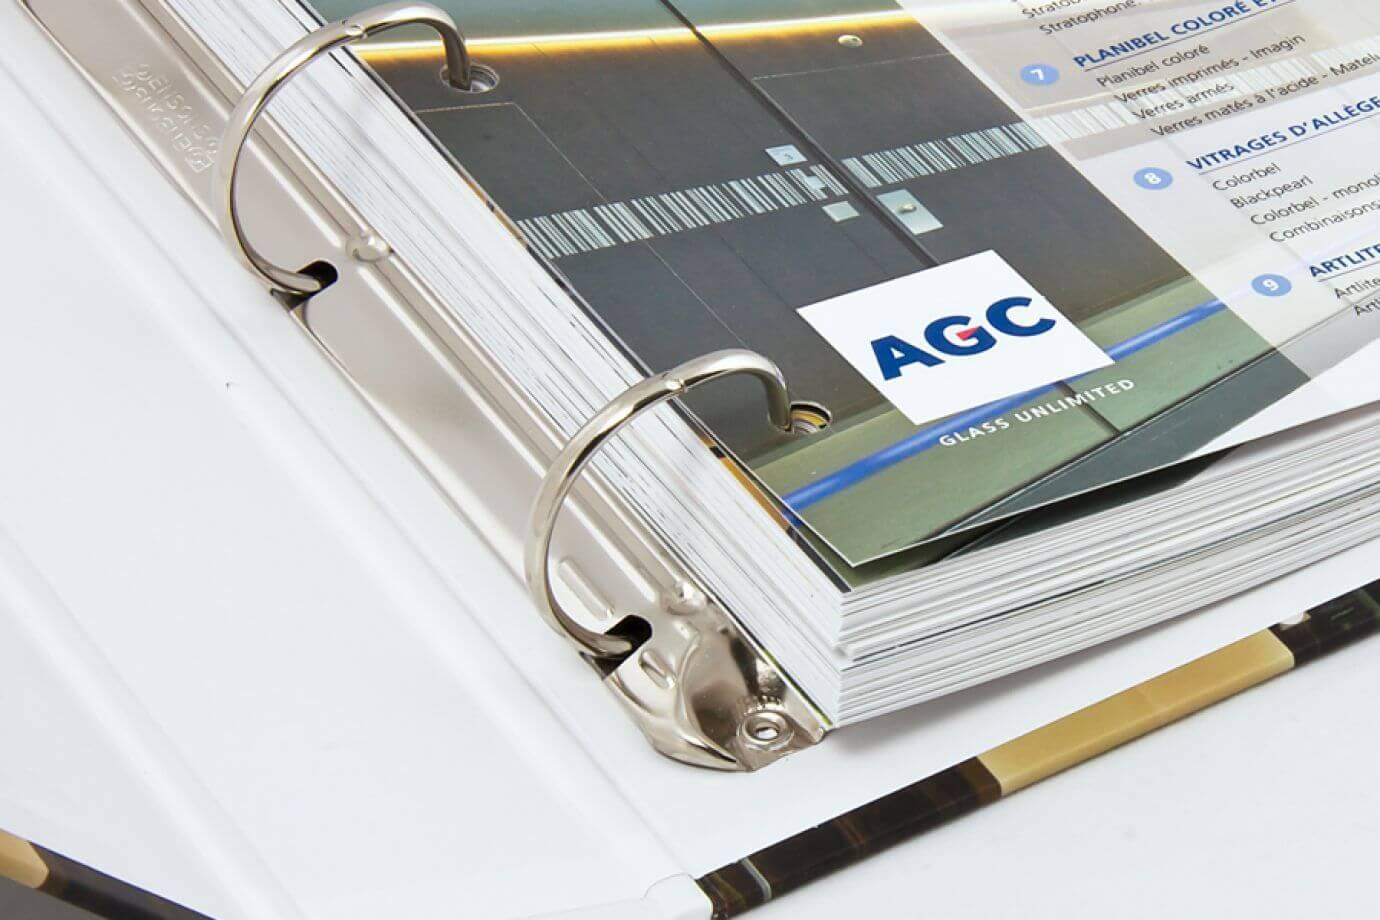 AGC map tarief detail